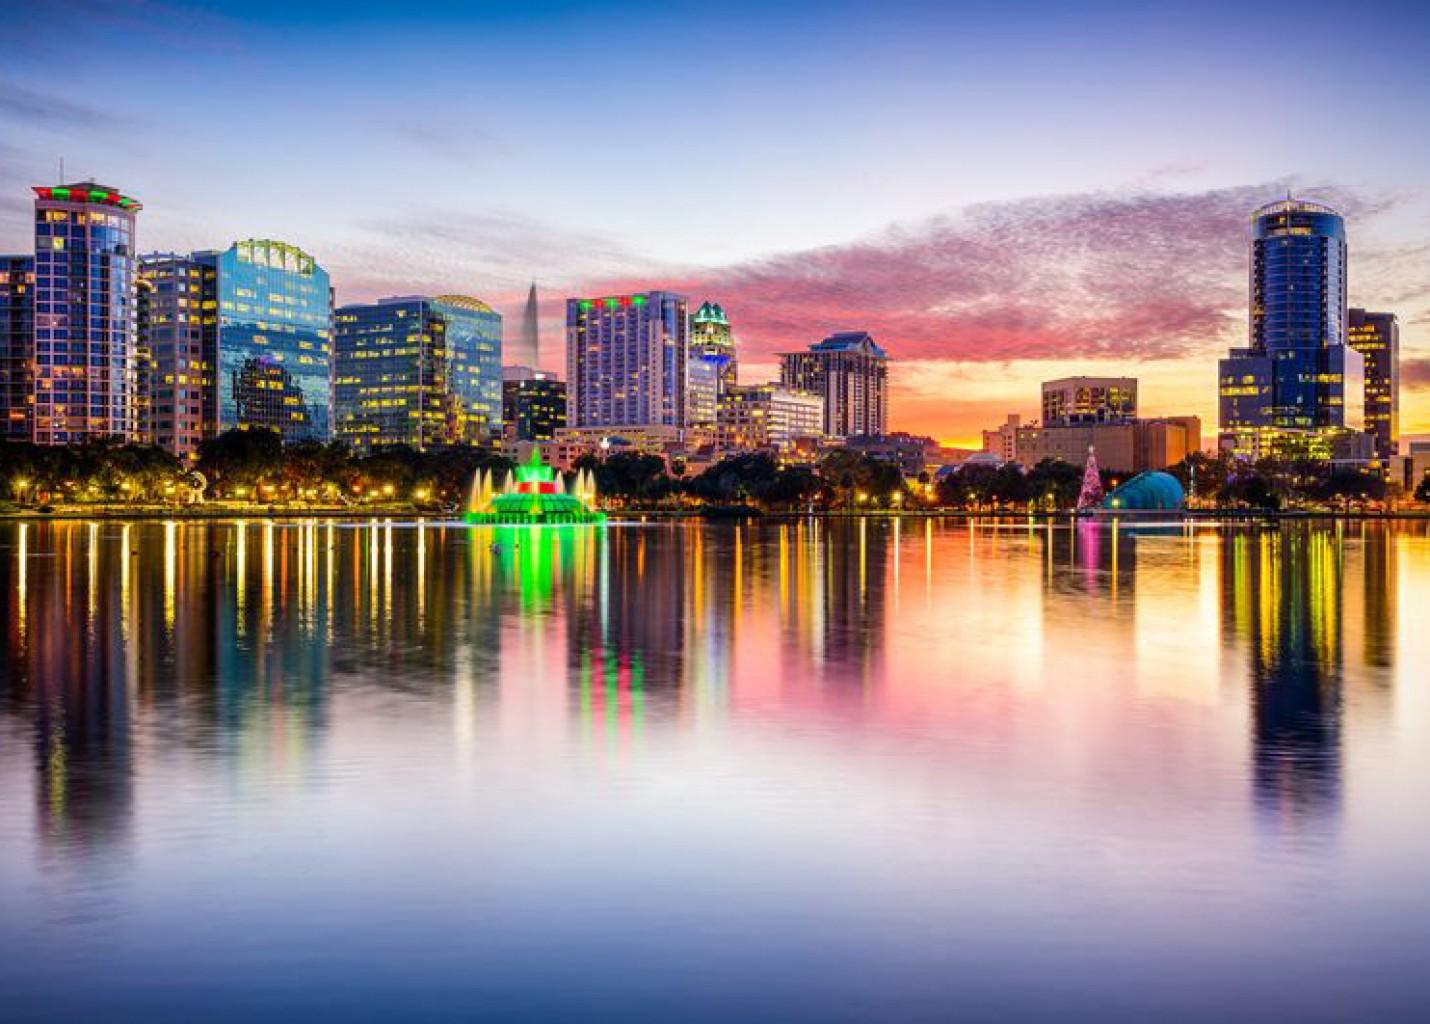 Flórida recebe recorde de 126,1 mi de turistas em 2018; Brasil envia 1,1 milhão